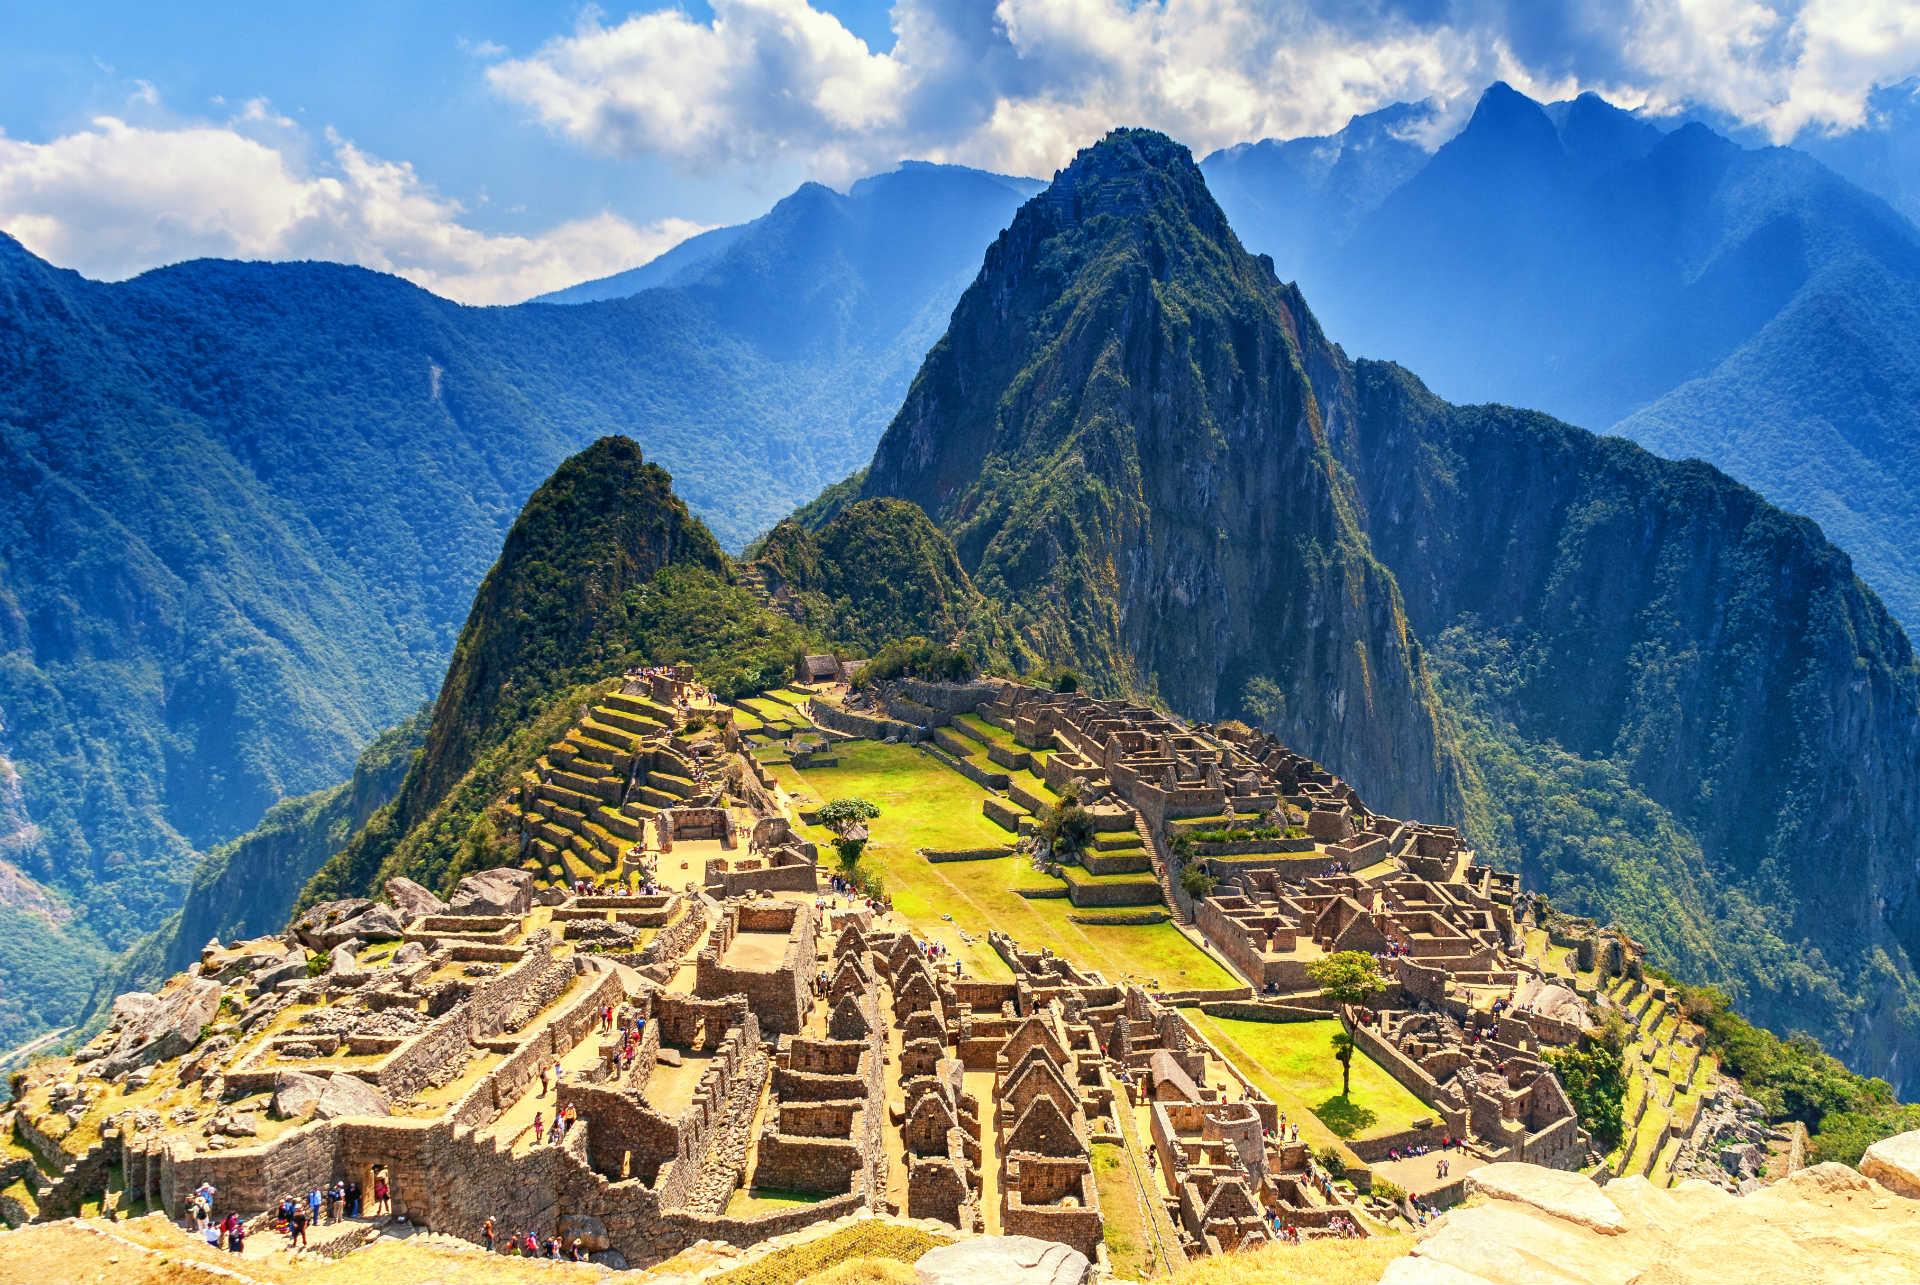 Error Fare Flüge: Ecuador / Peru (Sept - Feb) Nonstop Hin- und Rückflug von Madrid nach Lima oder Quito